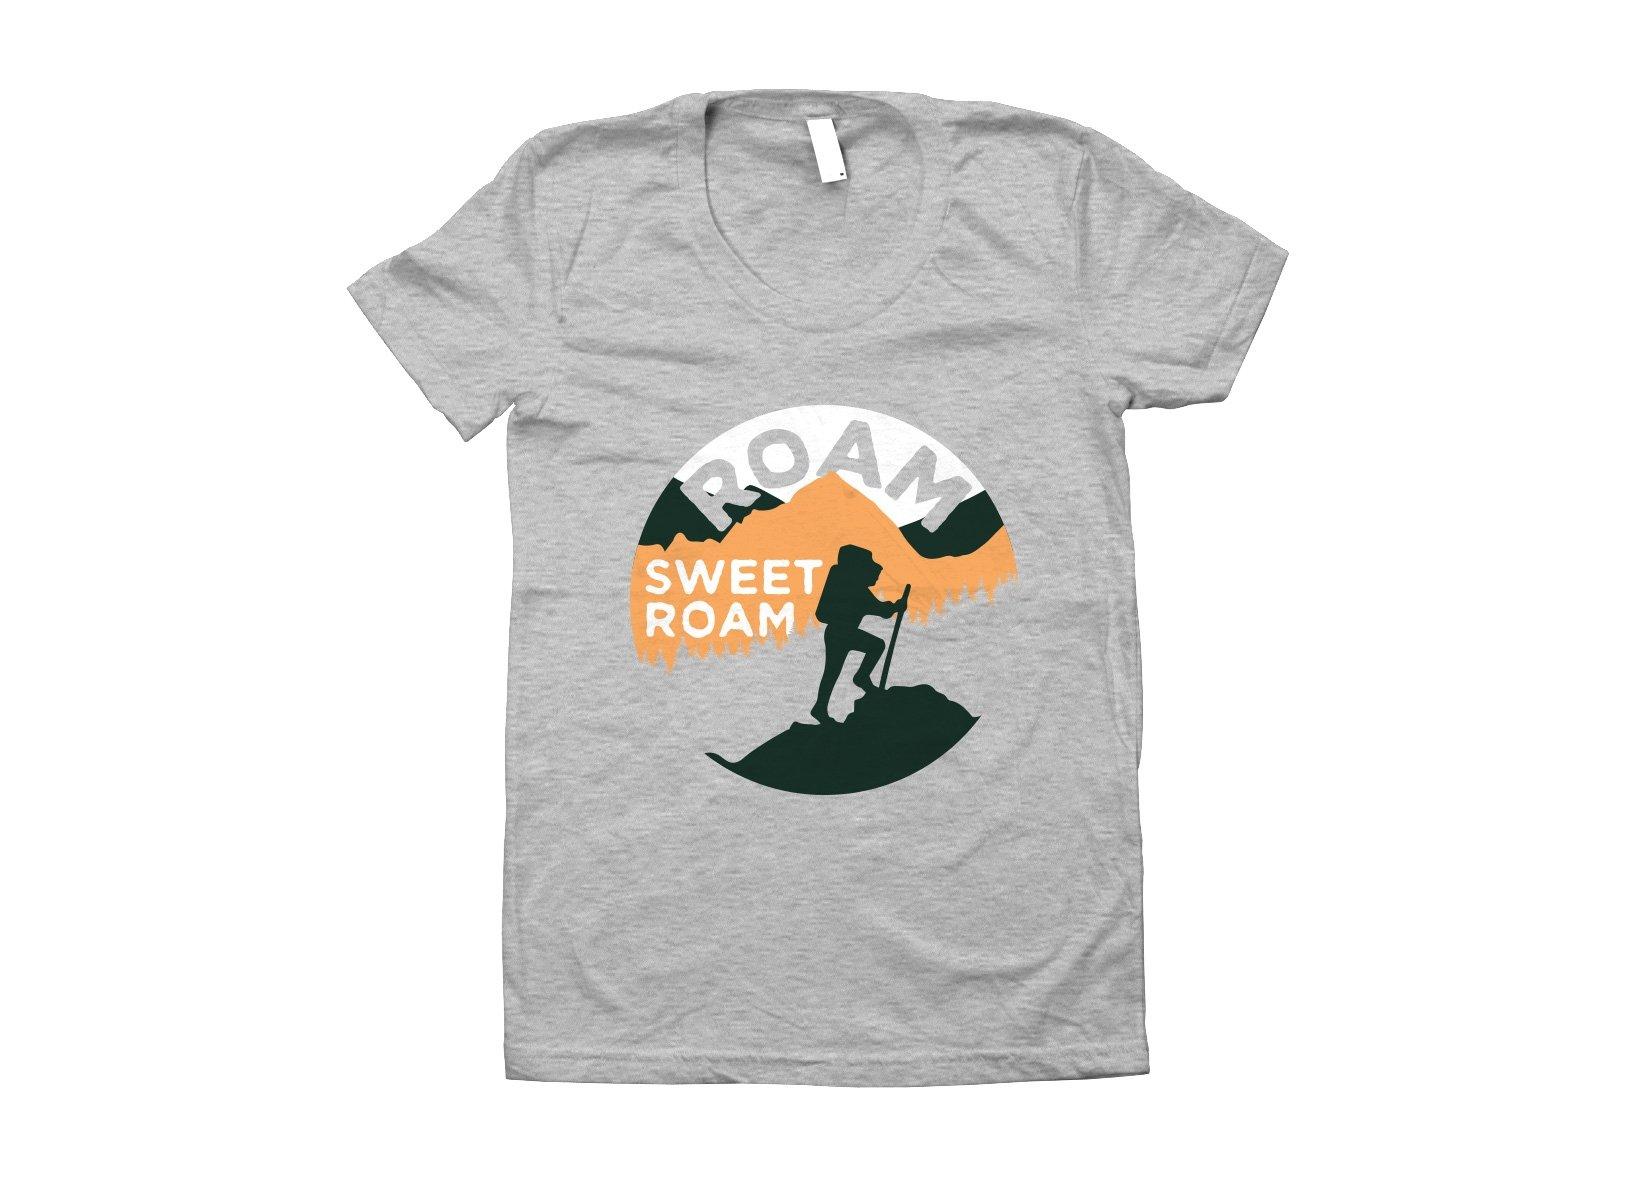 Roam Sweet Roam on Juniors T-Shirt